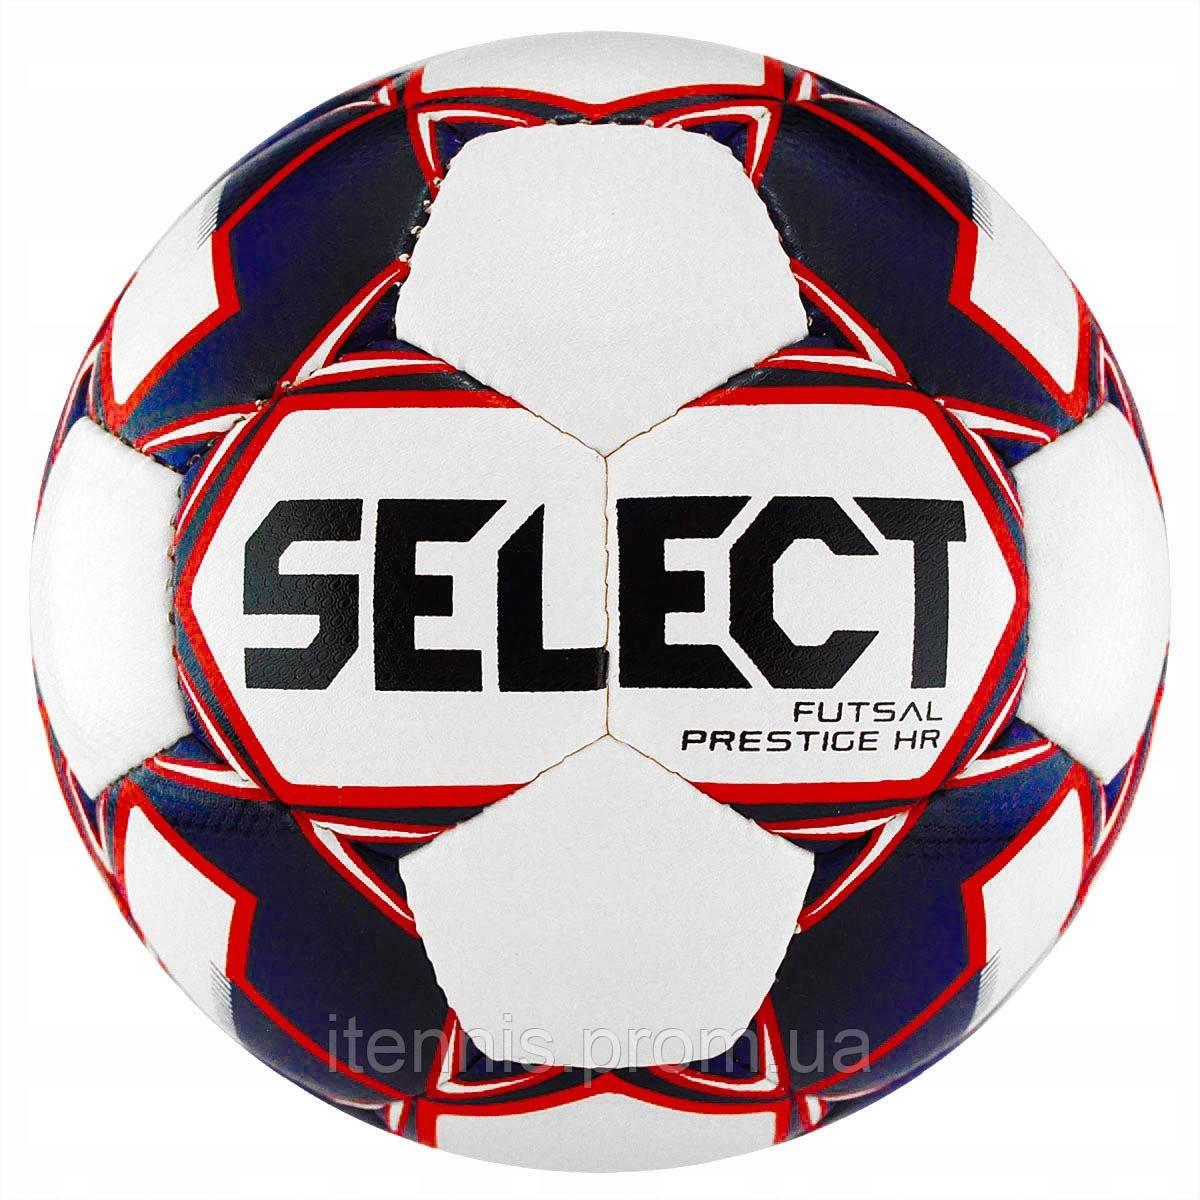 Футзальный мяч Select Prestige HR